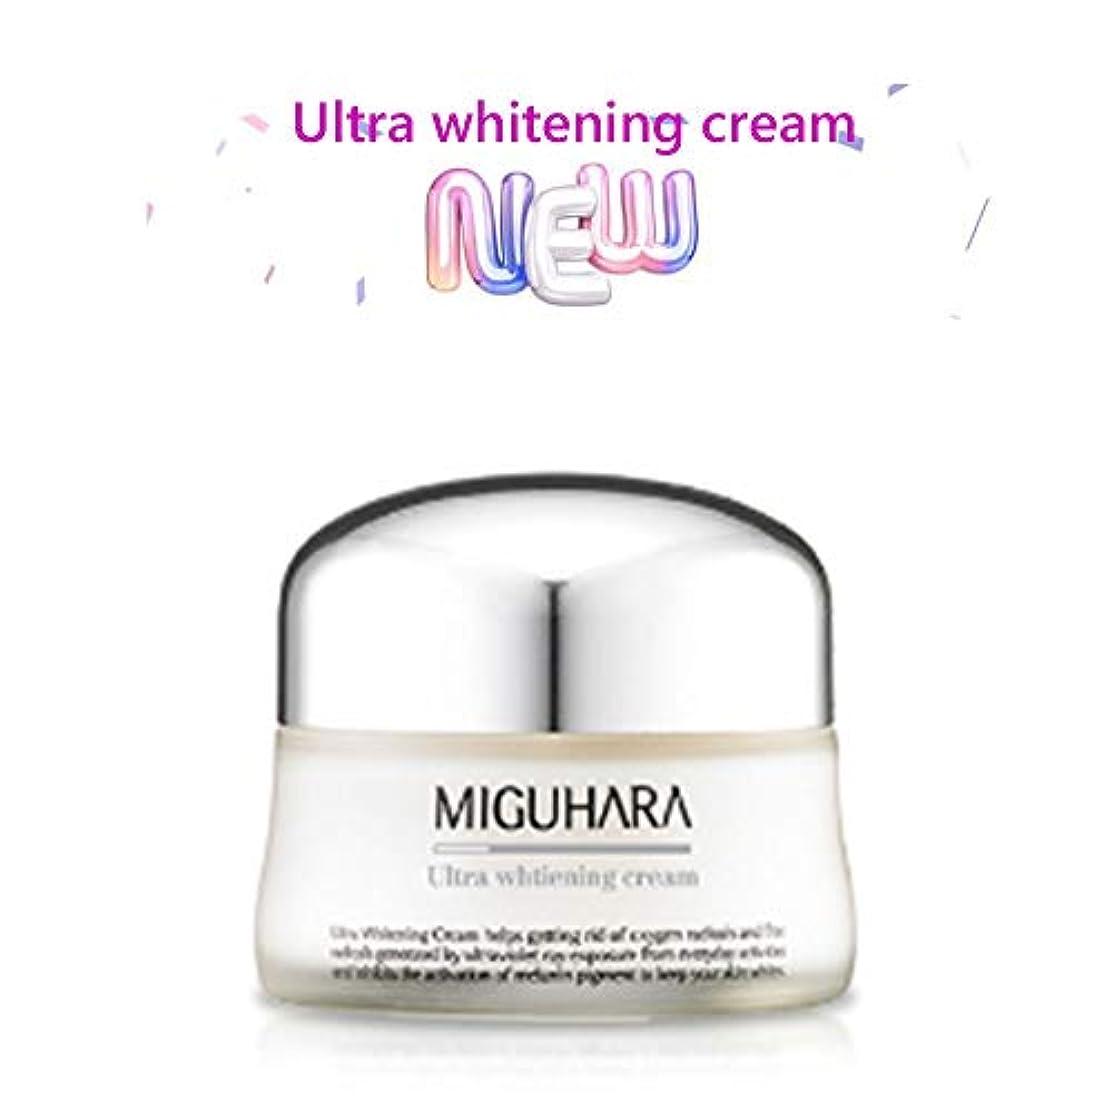 道路切り離すアピールMIGUHARA ウルトラホワイトニングクリーム 50ml /Ultra Whitening Cream 50ml